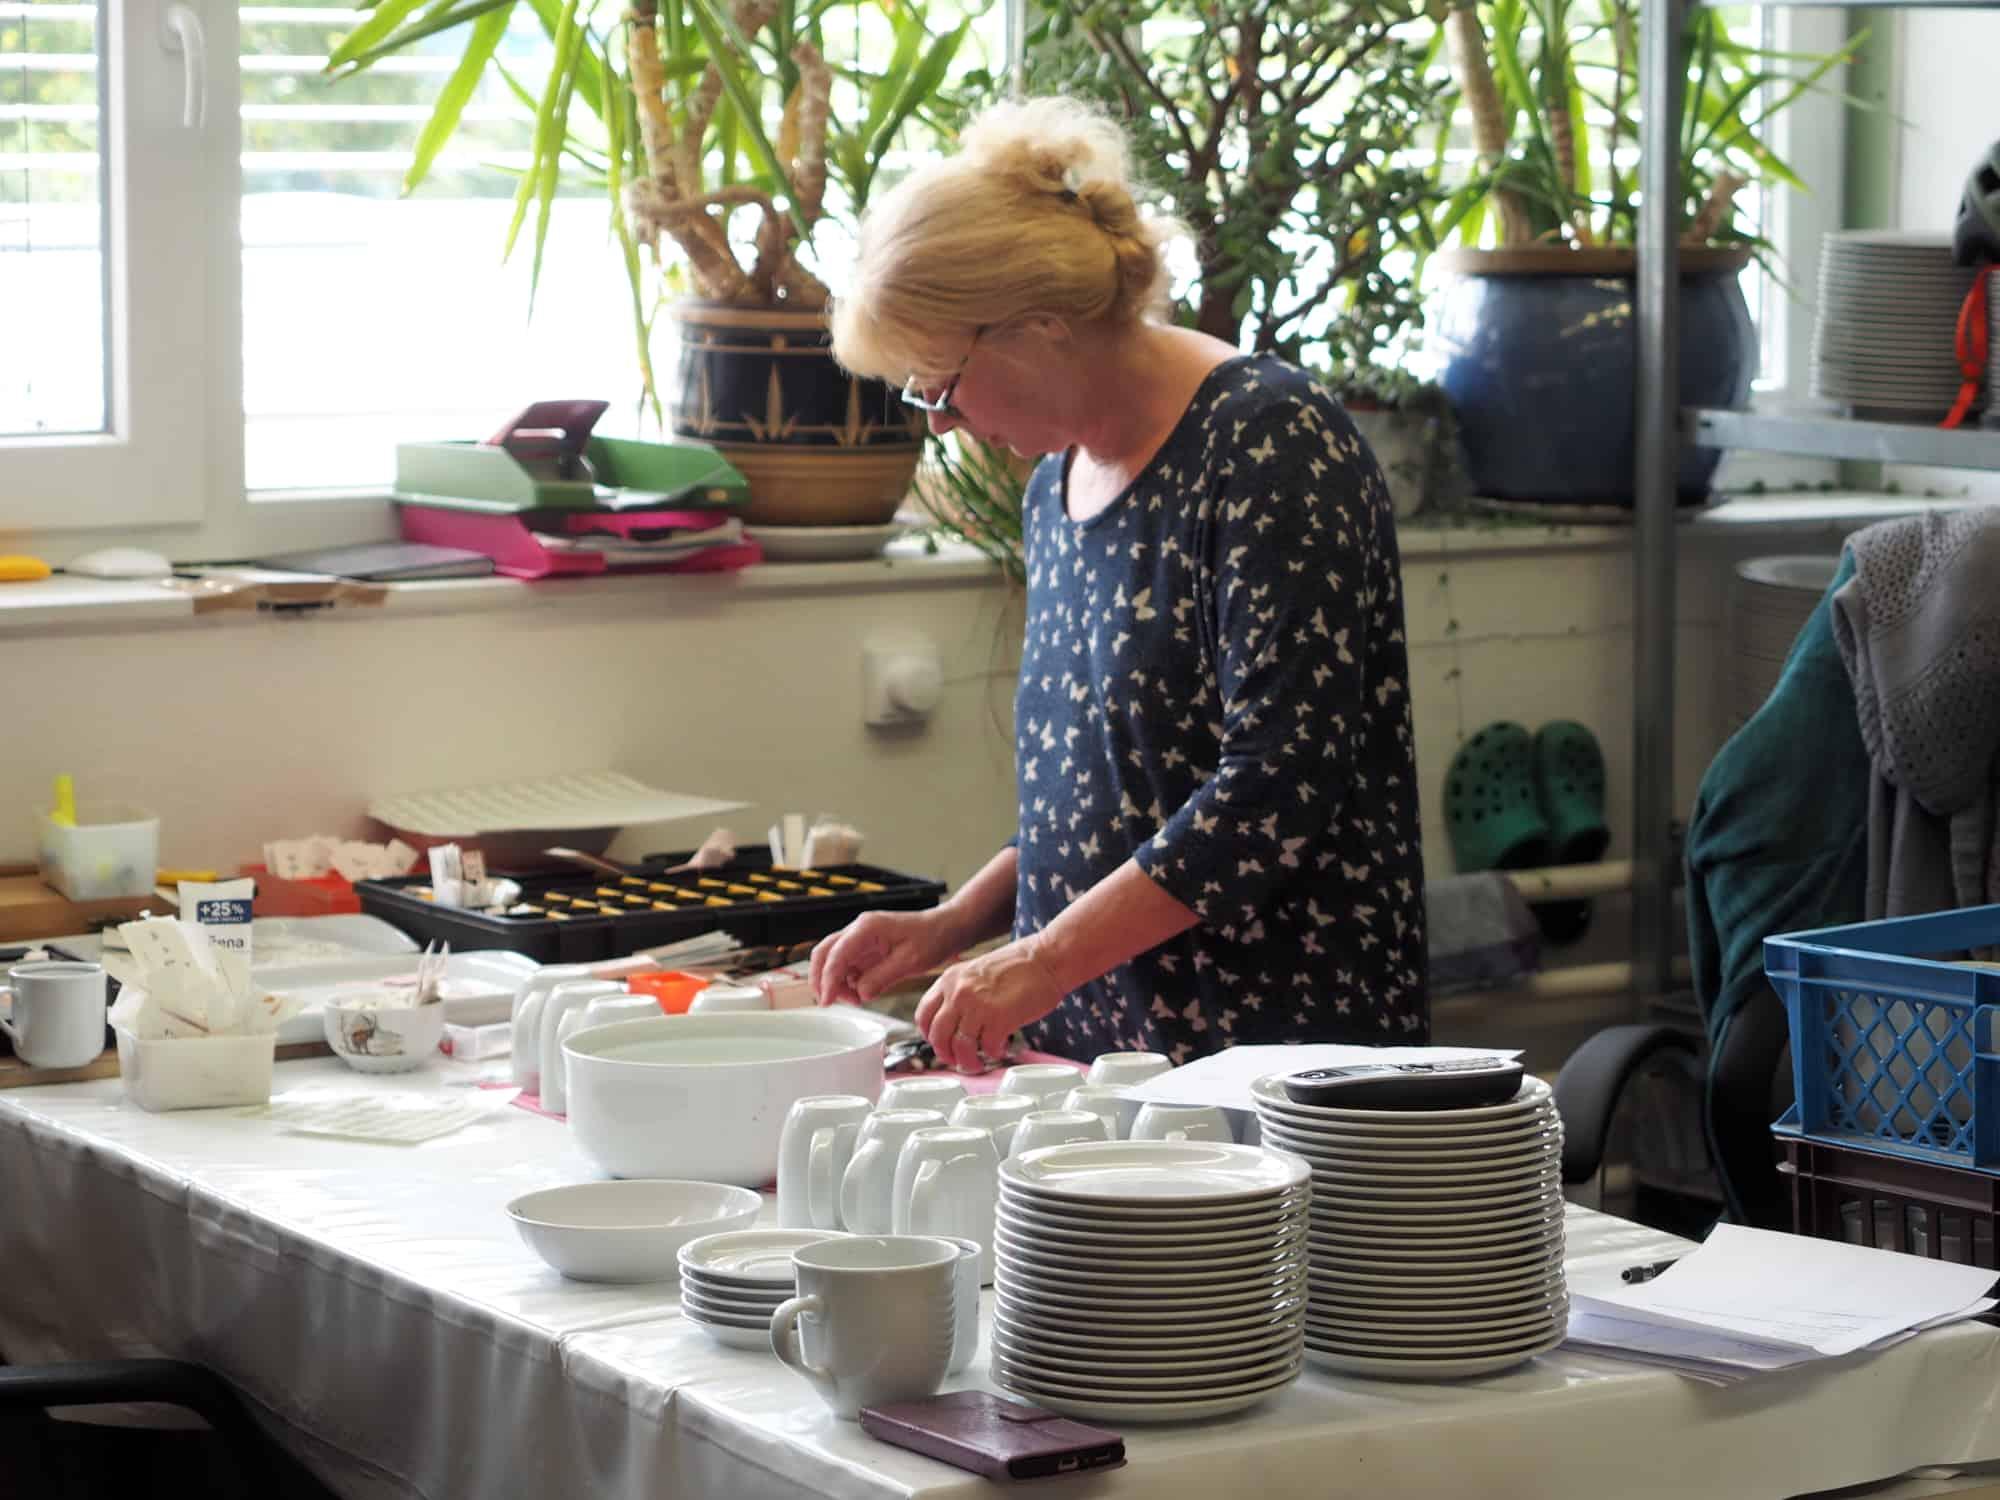 Werkstatt Porzellan im Hinterhof Heike bearbeitet Bestellungen